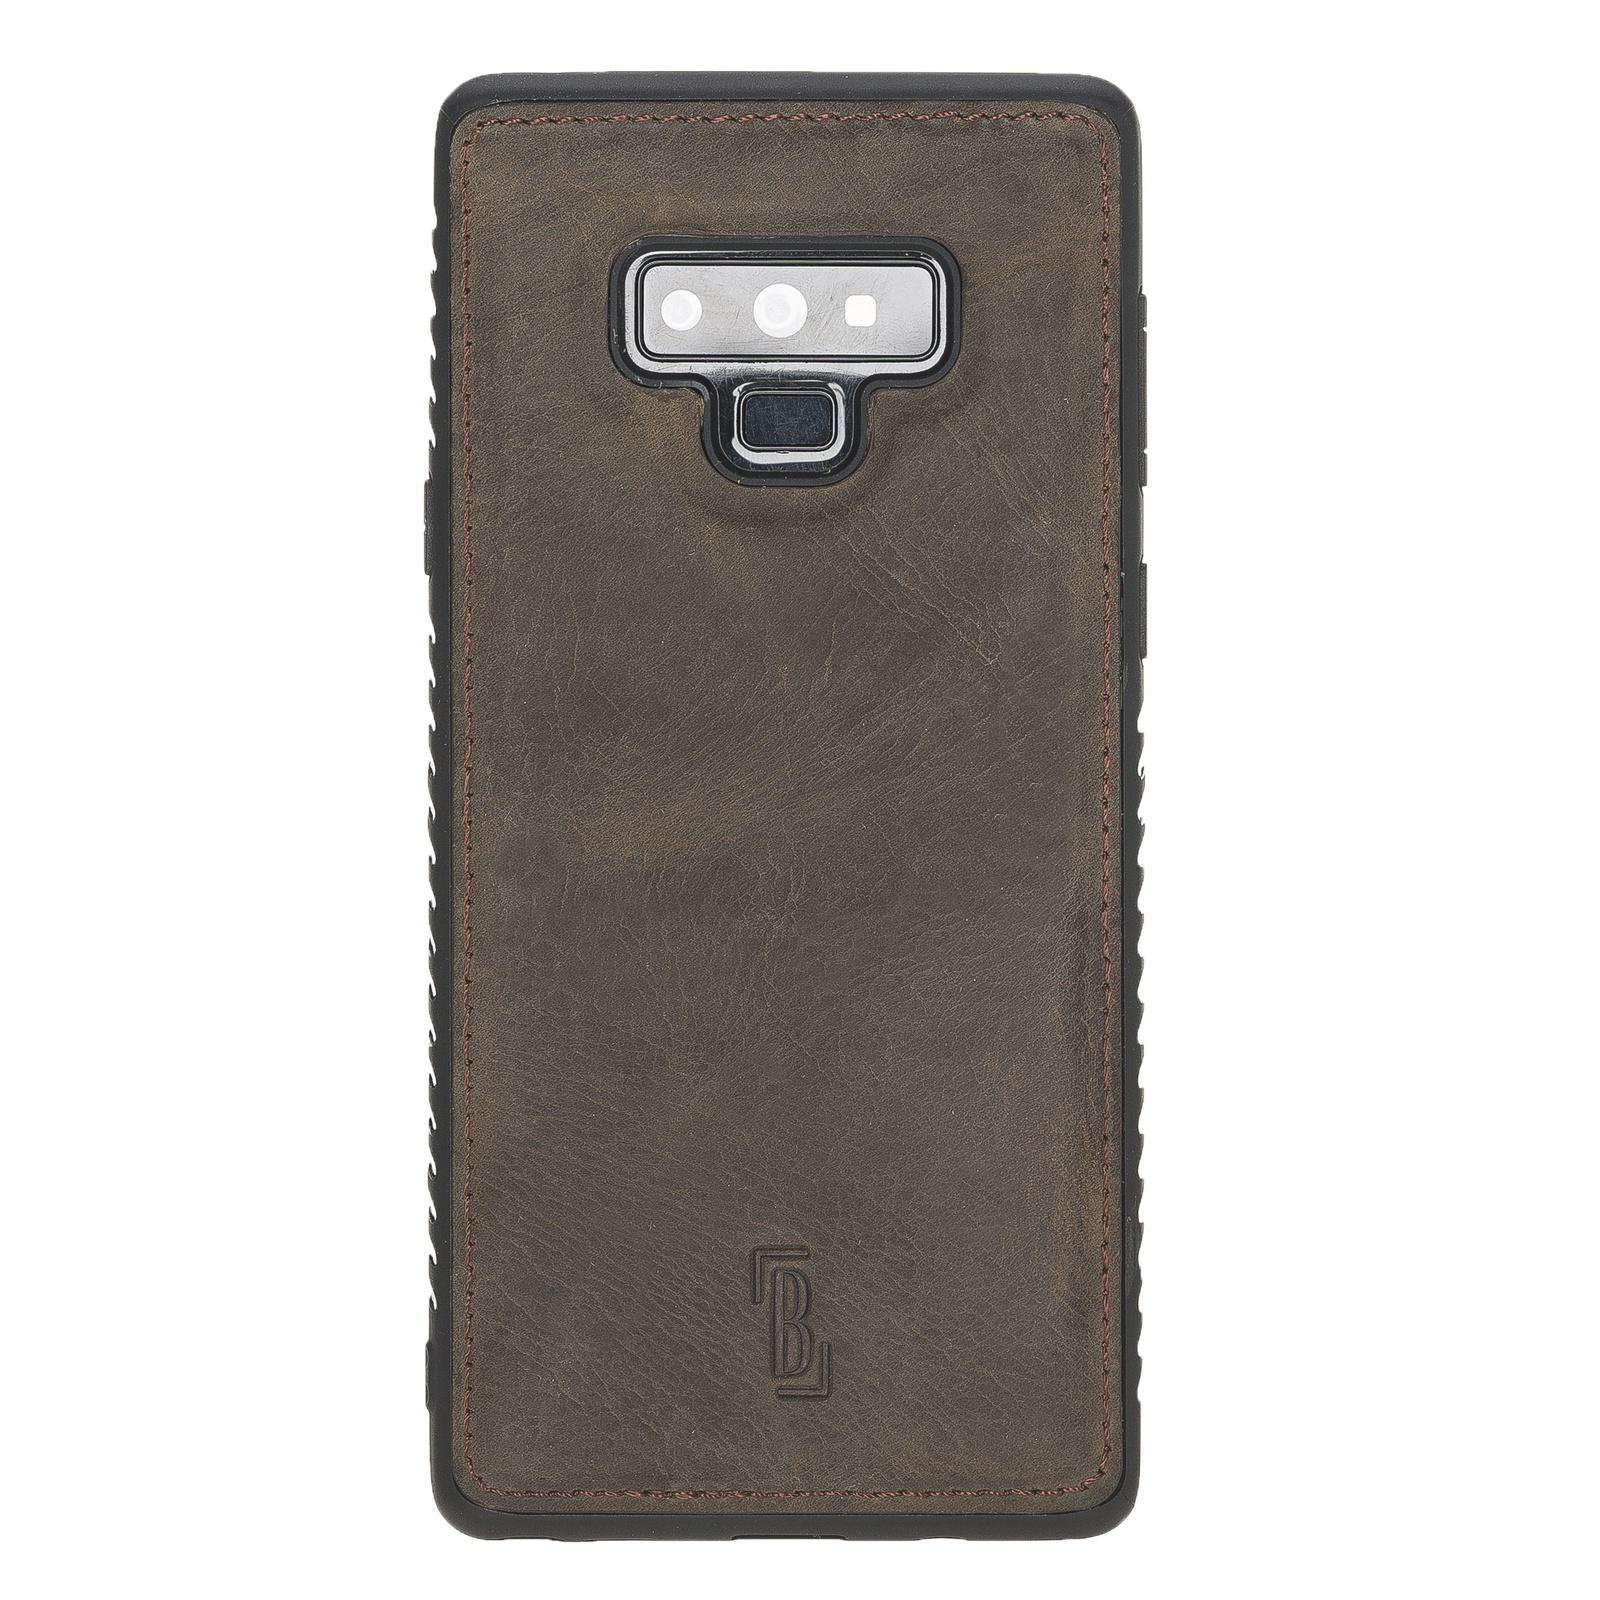 Чехол для сотового телефона Burkley для Samsung Galaxy Note 9 FlexCover, темно-коричневый